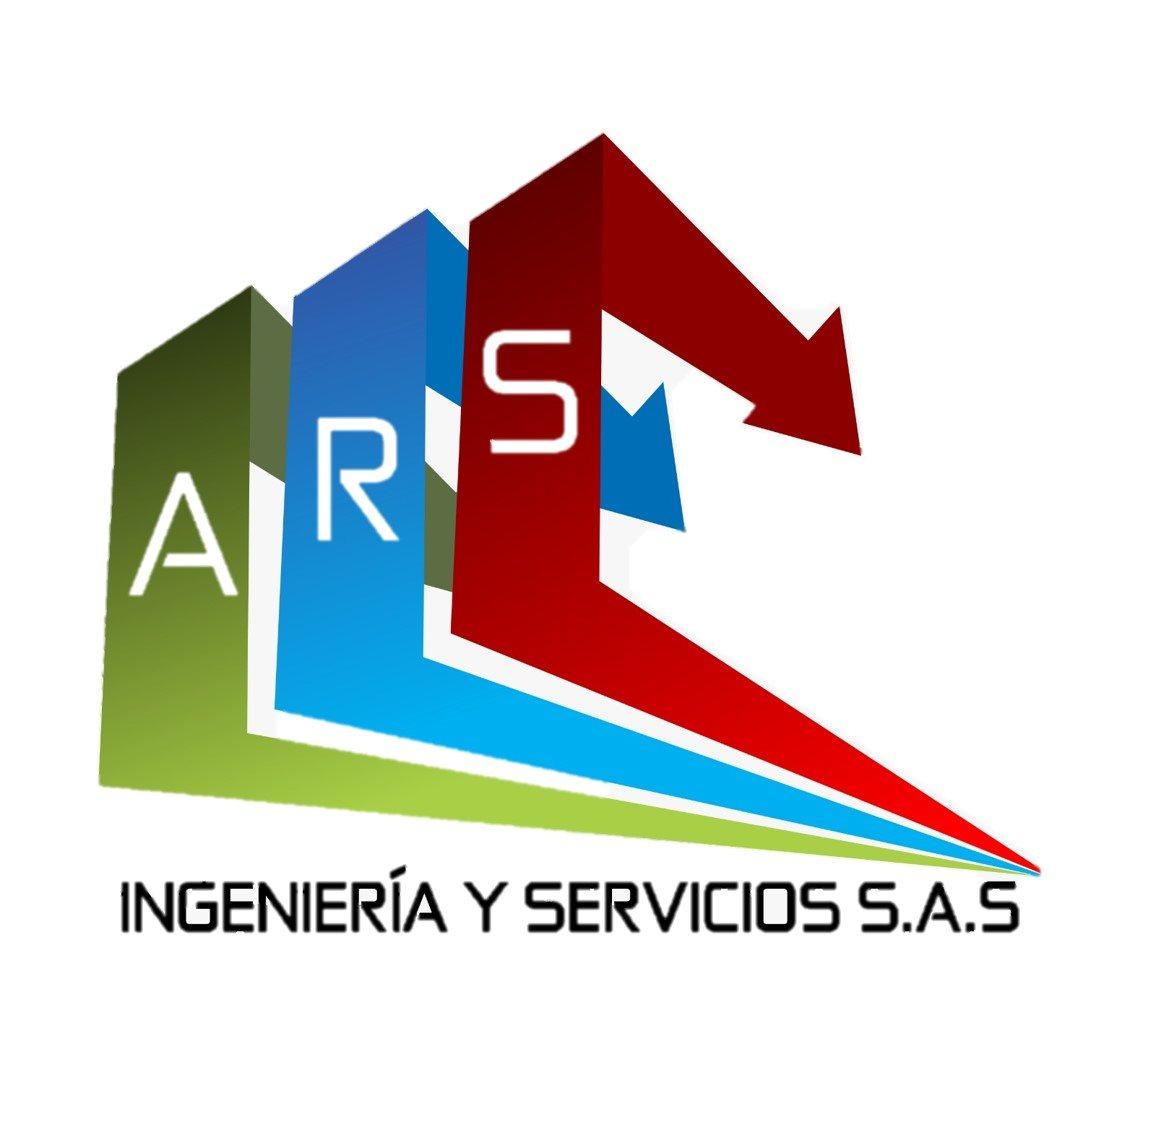 ARS INGENIERIA Y SERVICIOS S.A.S.